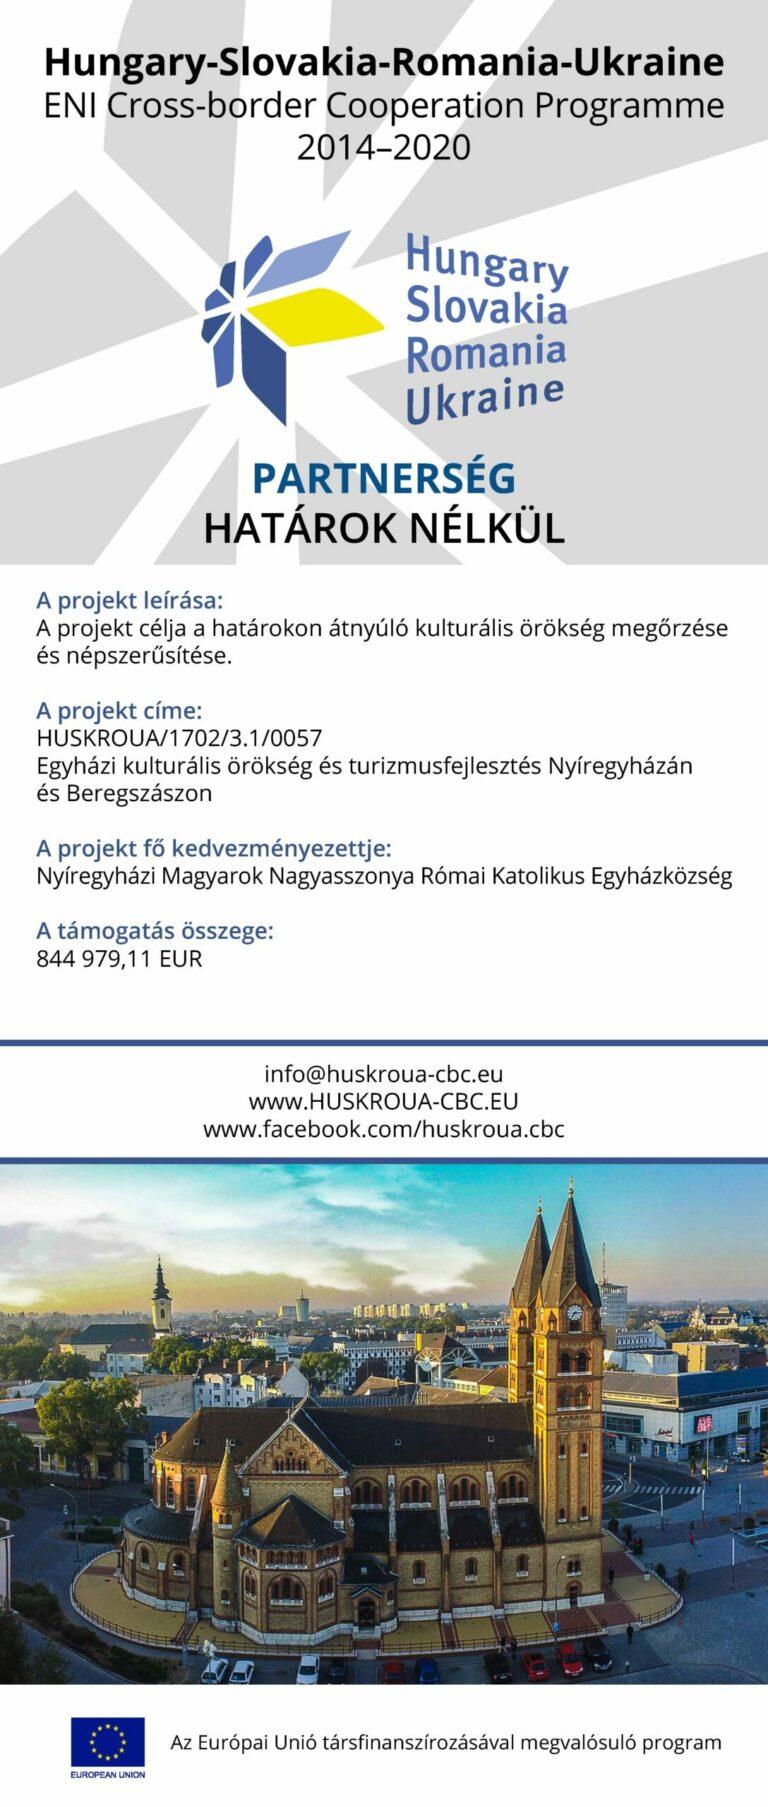 Magyarok Nagyasszonya Egyházközség roll-up